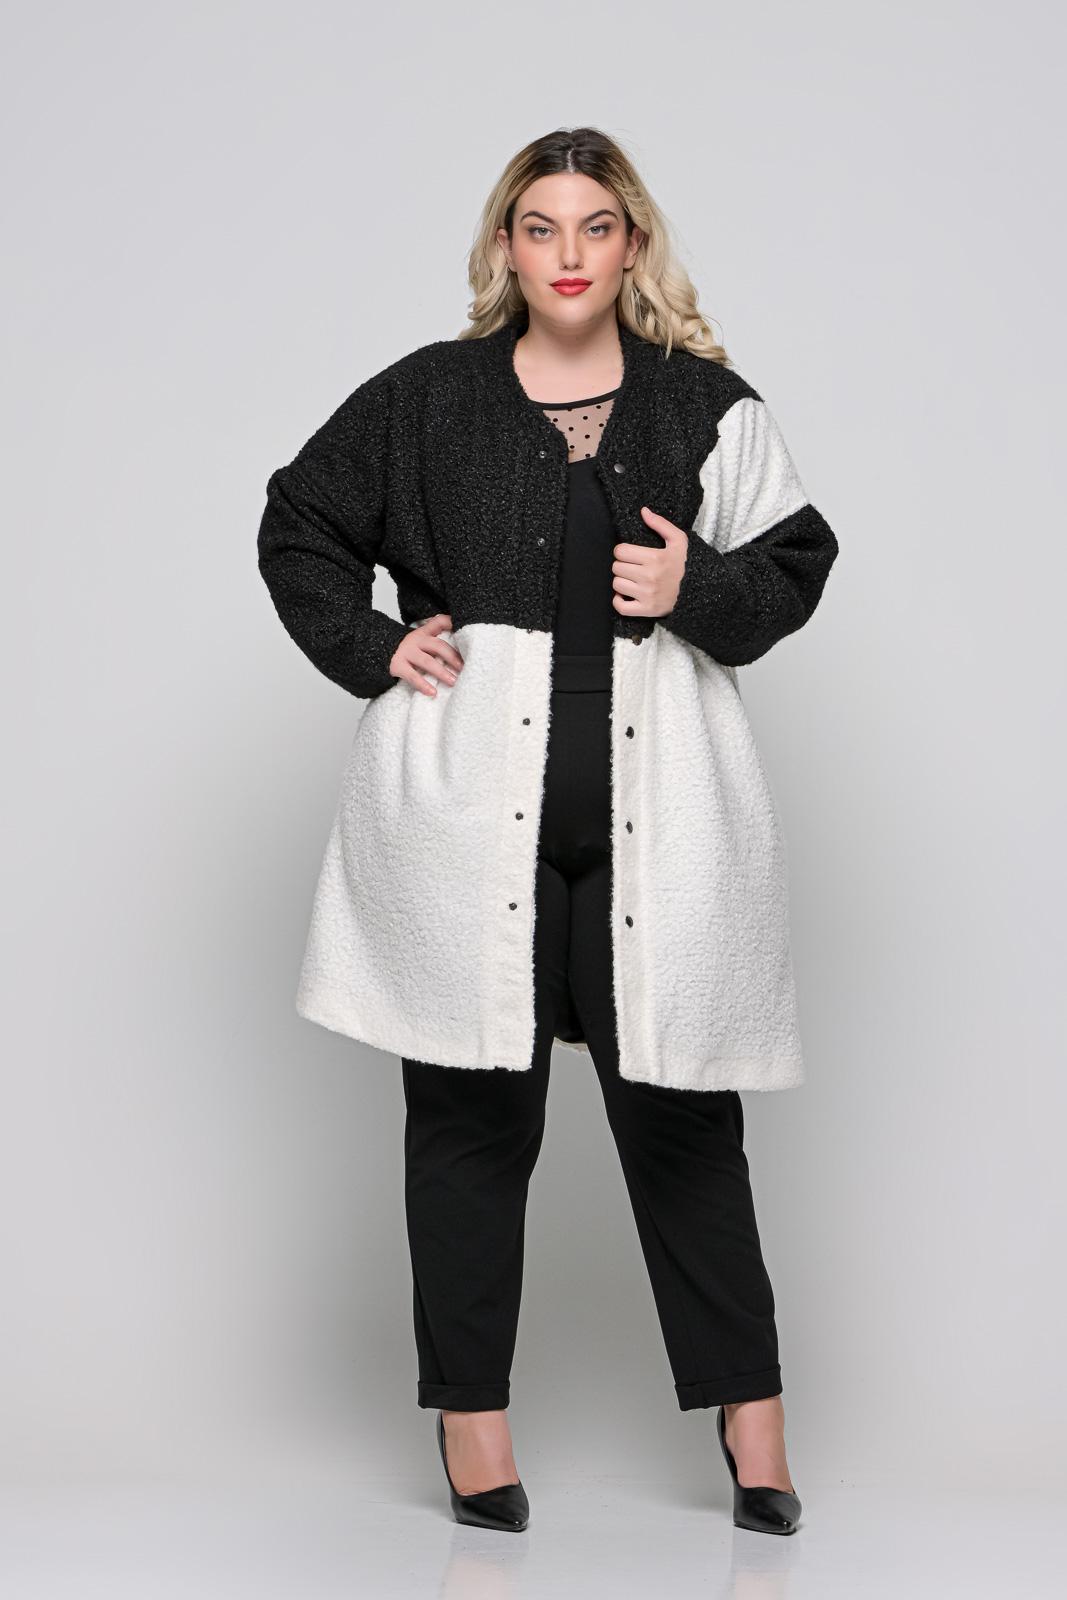 Παλτό μεγάλα μεγέθη μαύρο/λευκό +Psx μπουκλέ φοδραρισμένο. Στο eshop μας θα βρείτε οικονομικά γυναίκεια ρούχα σε μεγάλα μεγέθη και υπερμεγέθη.